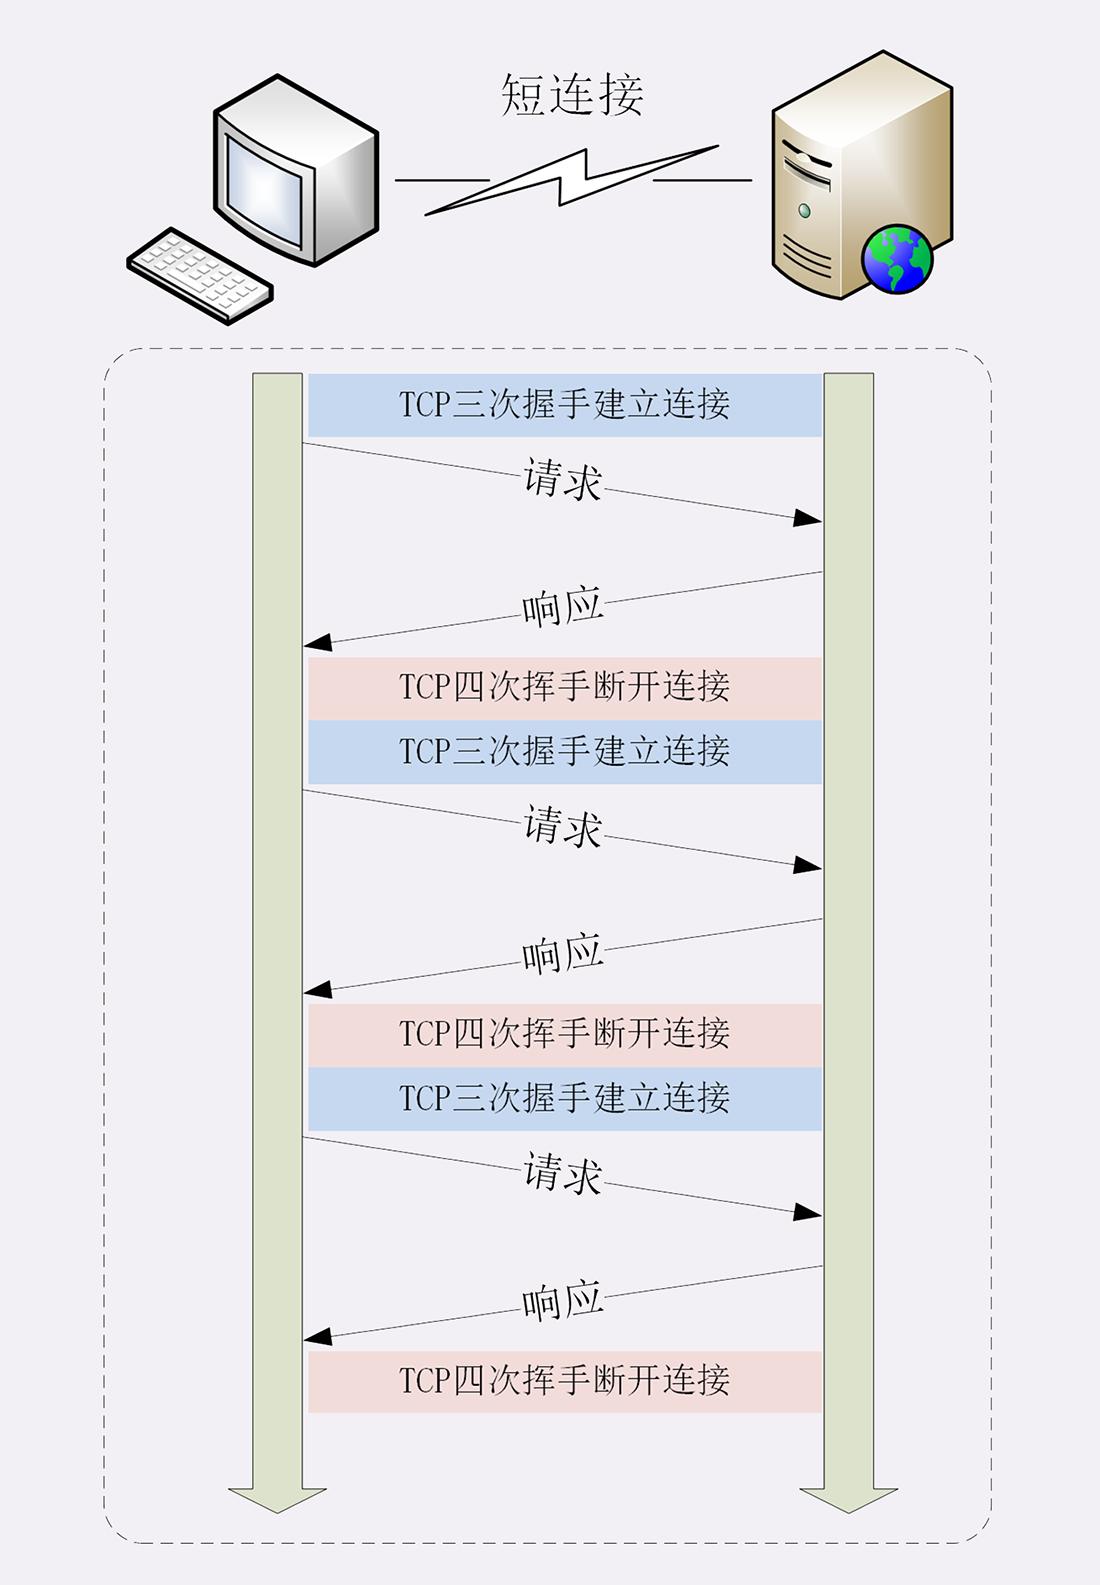 漫谈 HTTP 连接插图(2)